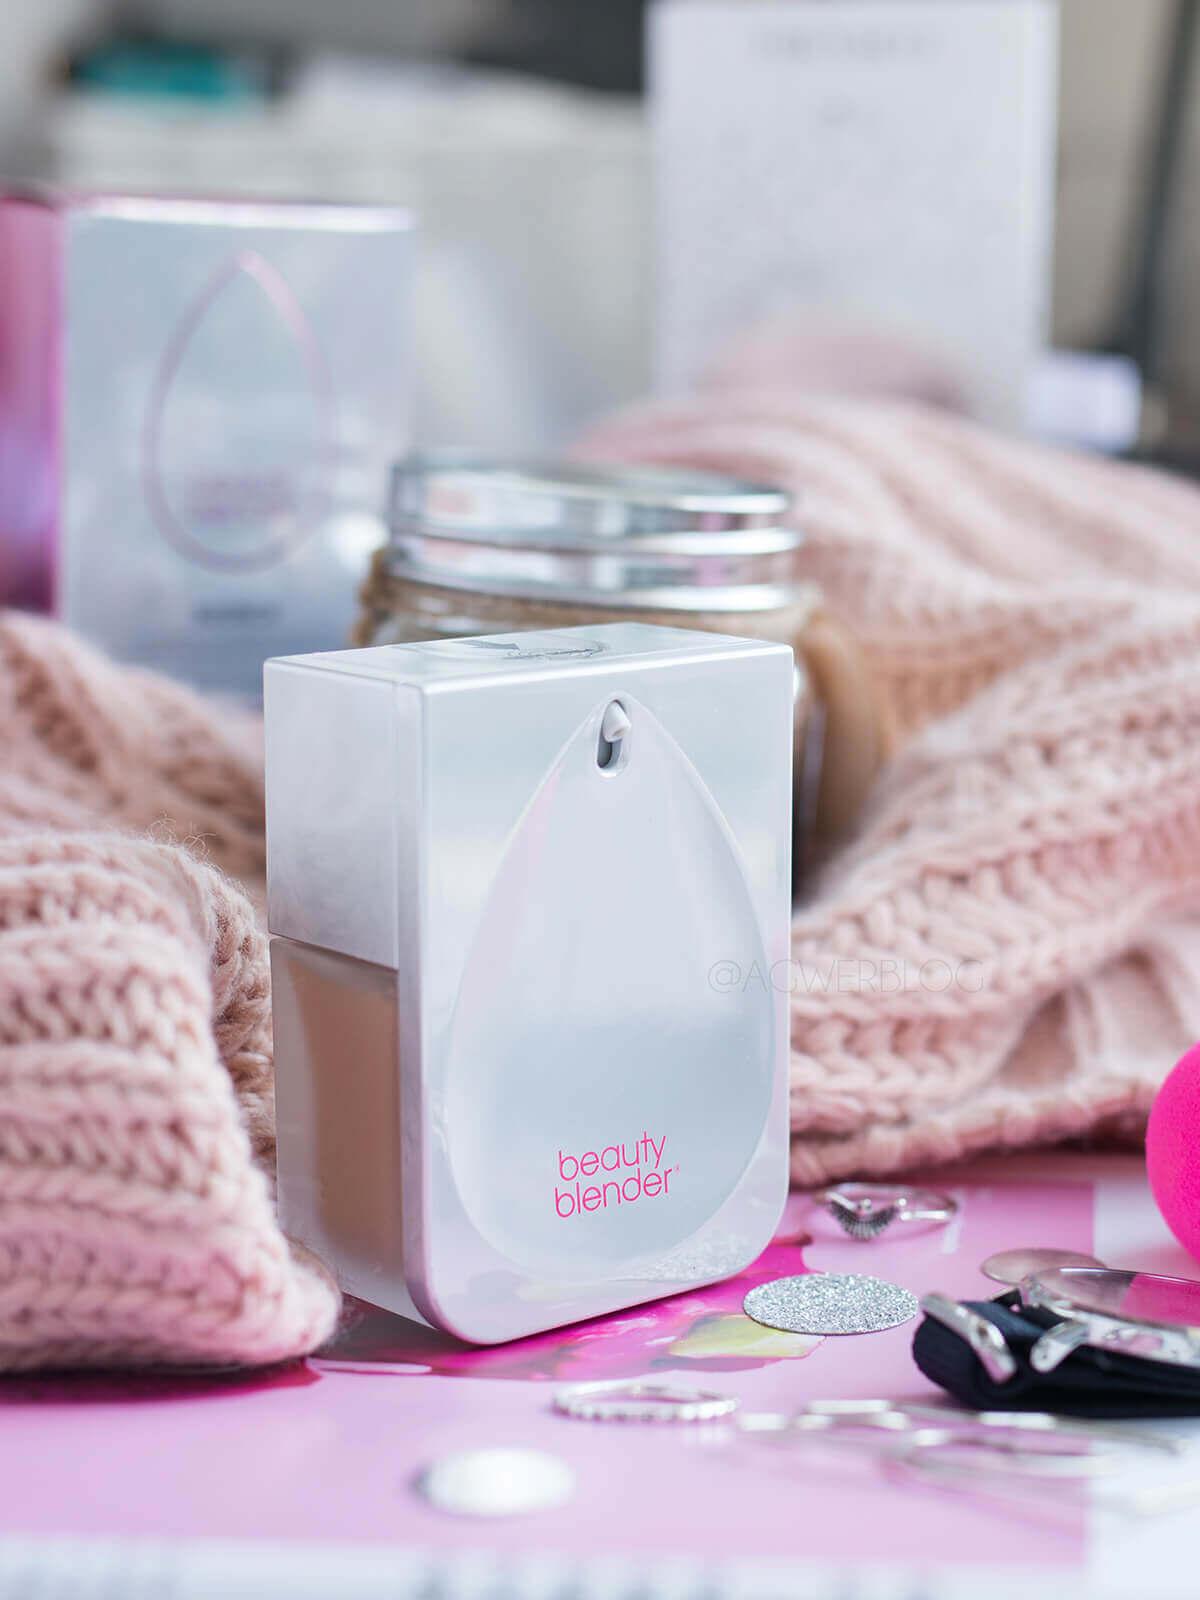 podkład beauty blender